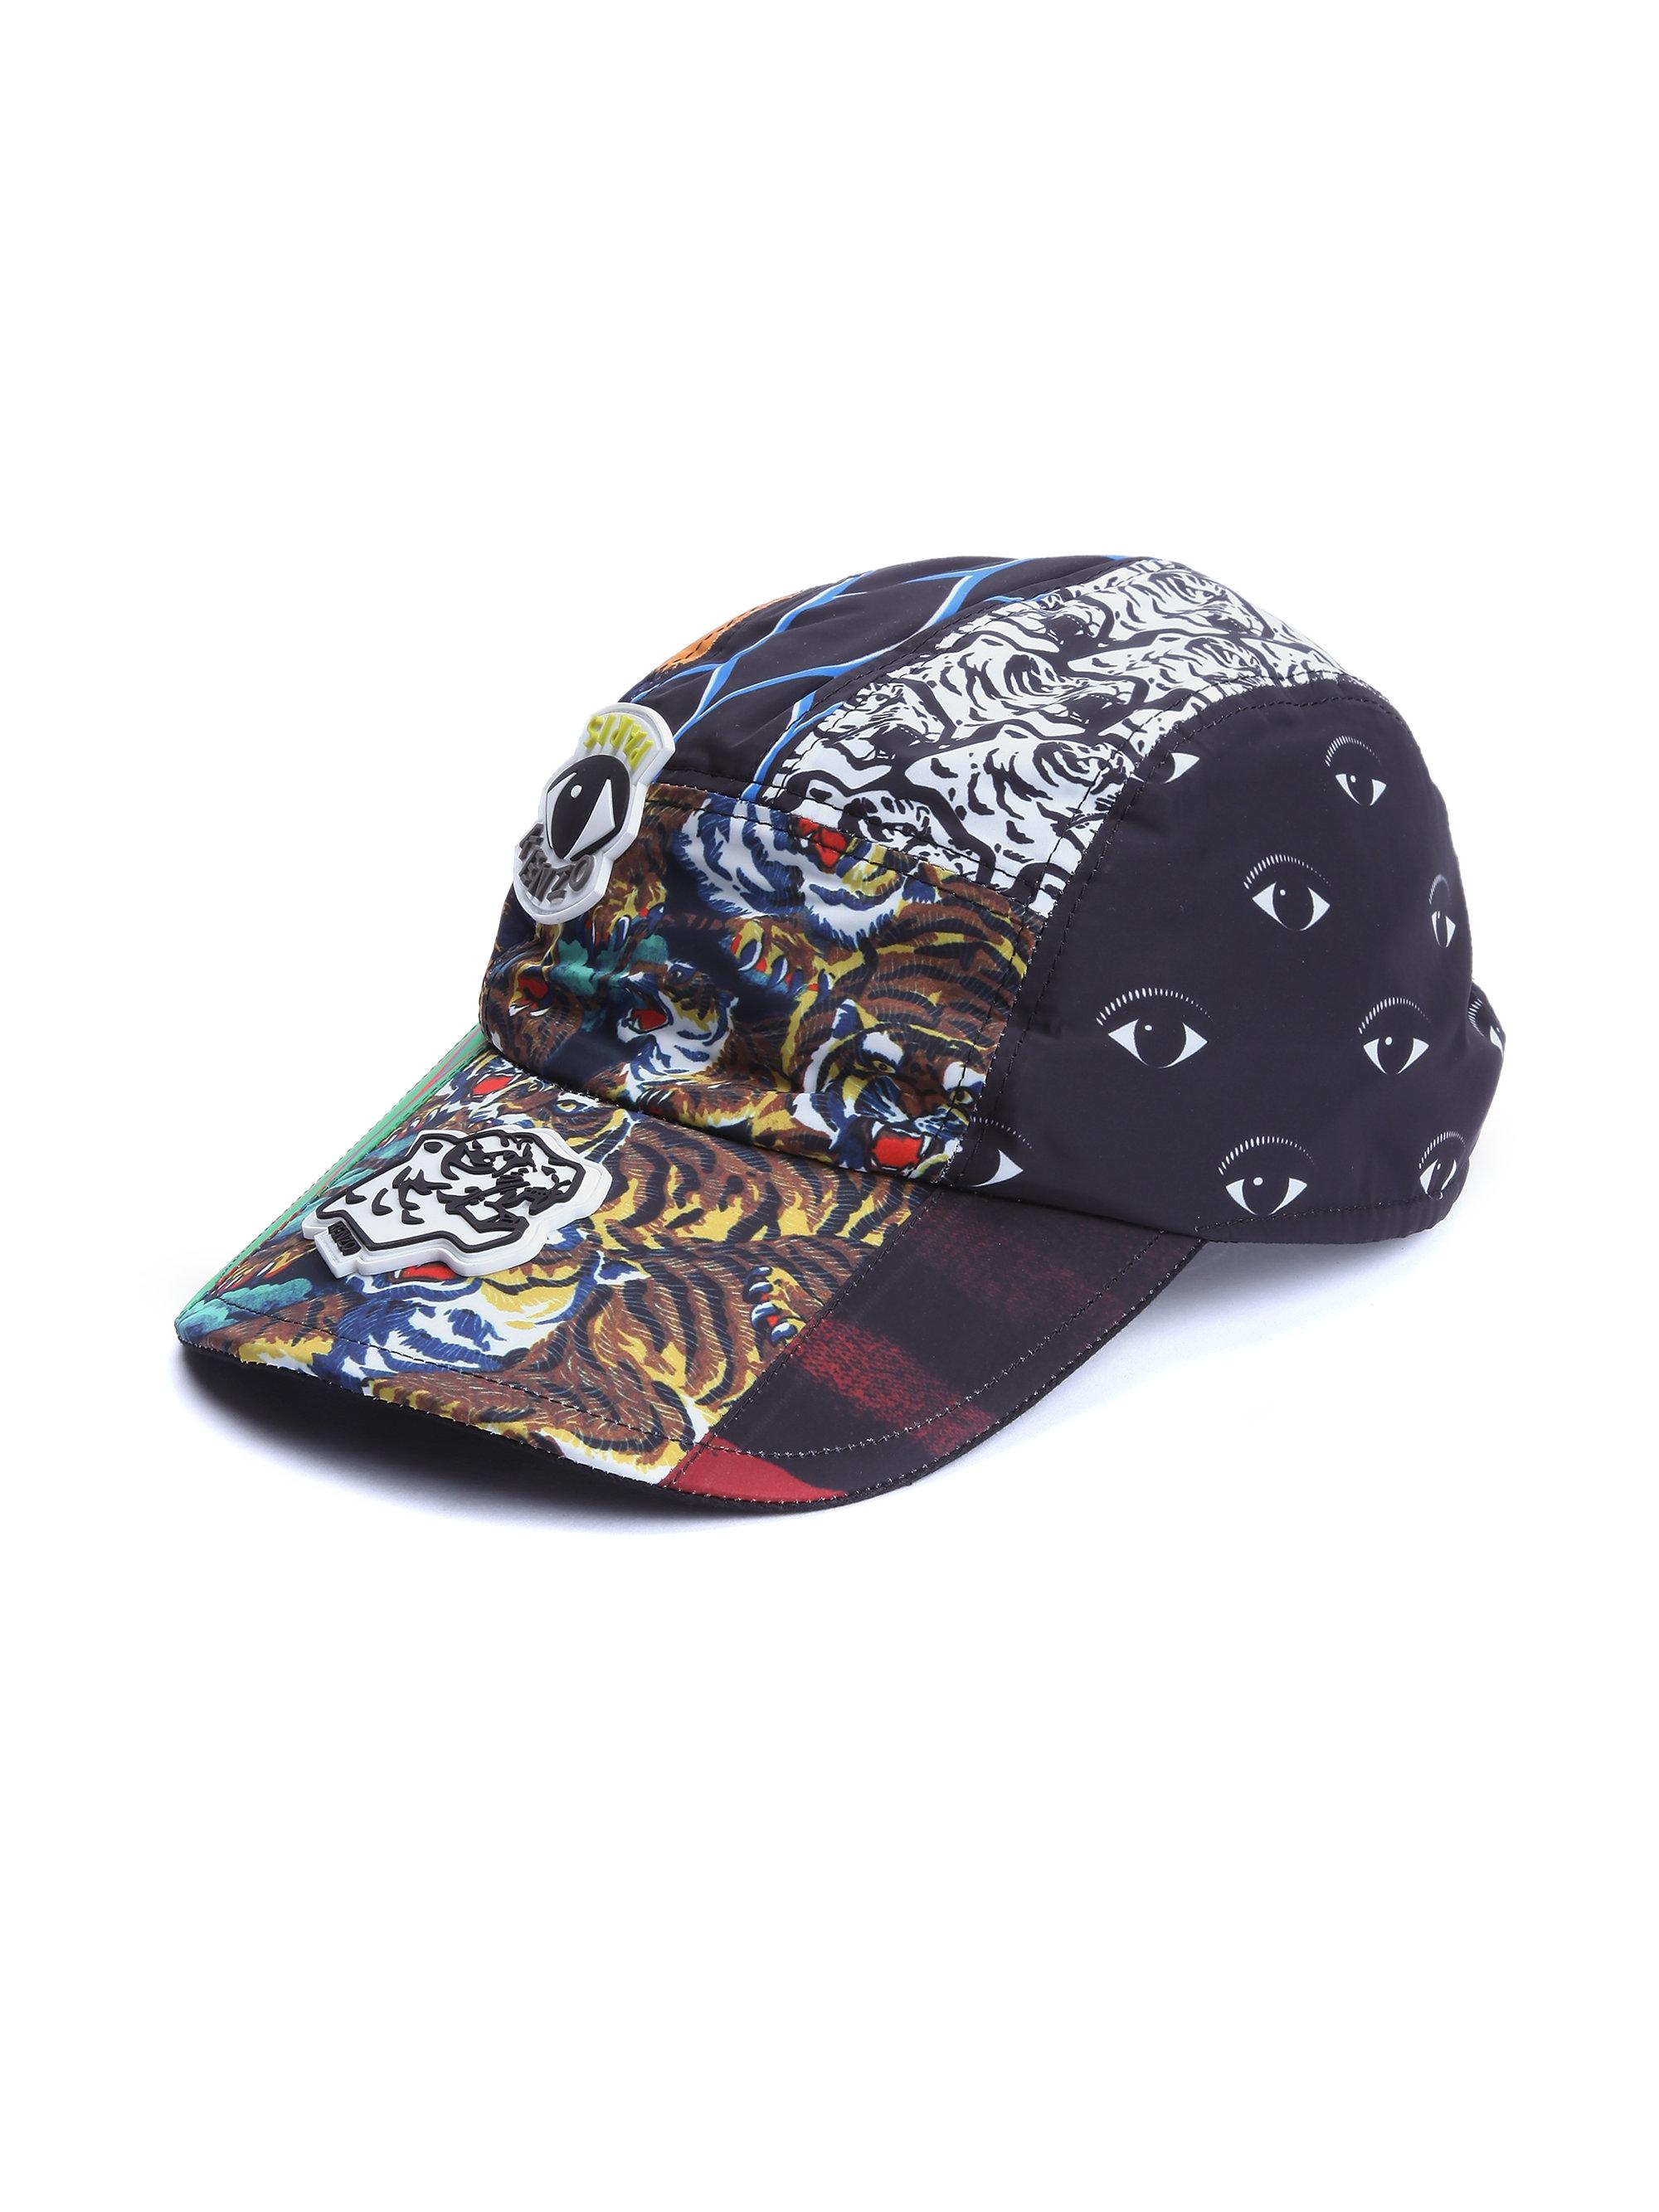 Lyst - KENZO Printed Baseball Cap in Black for Men ea6337c5ba7